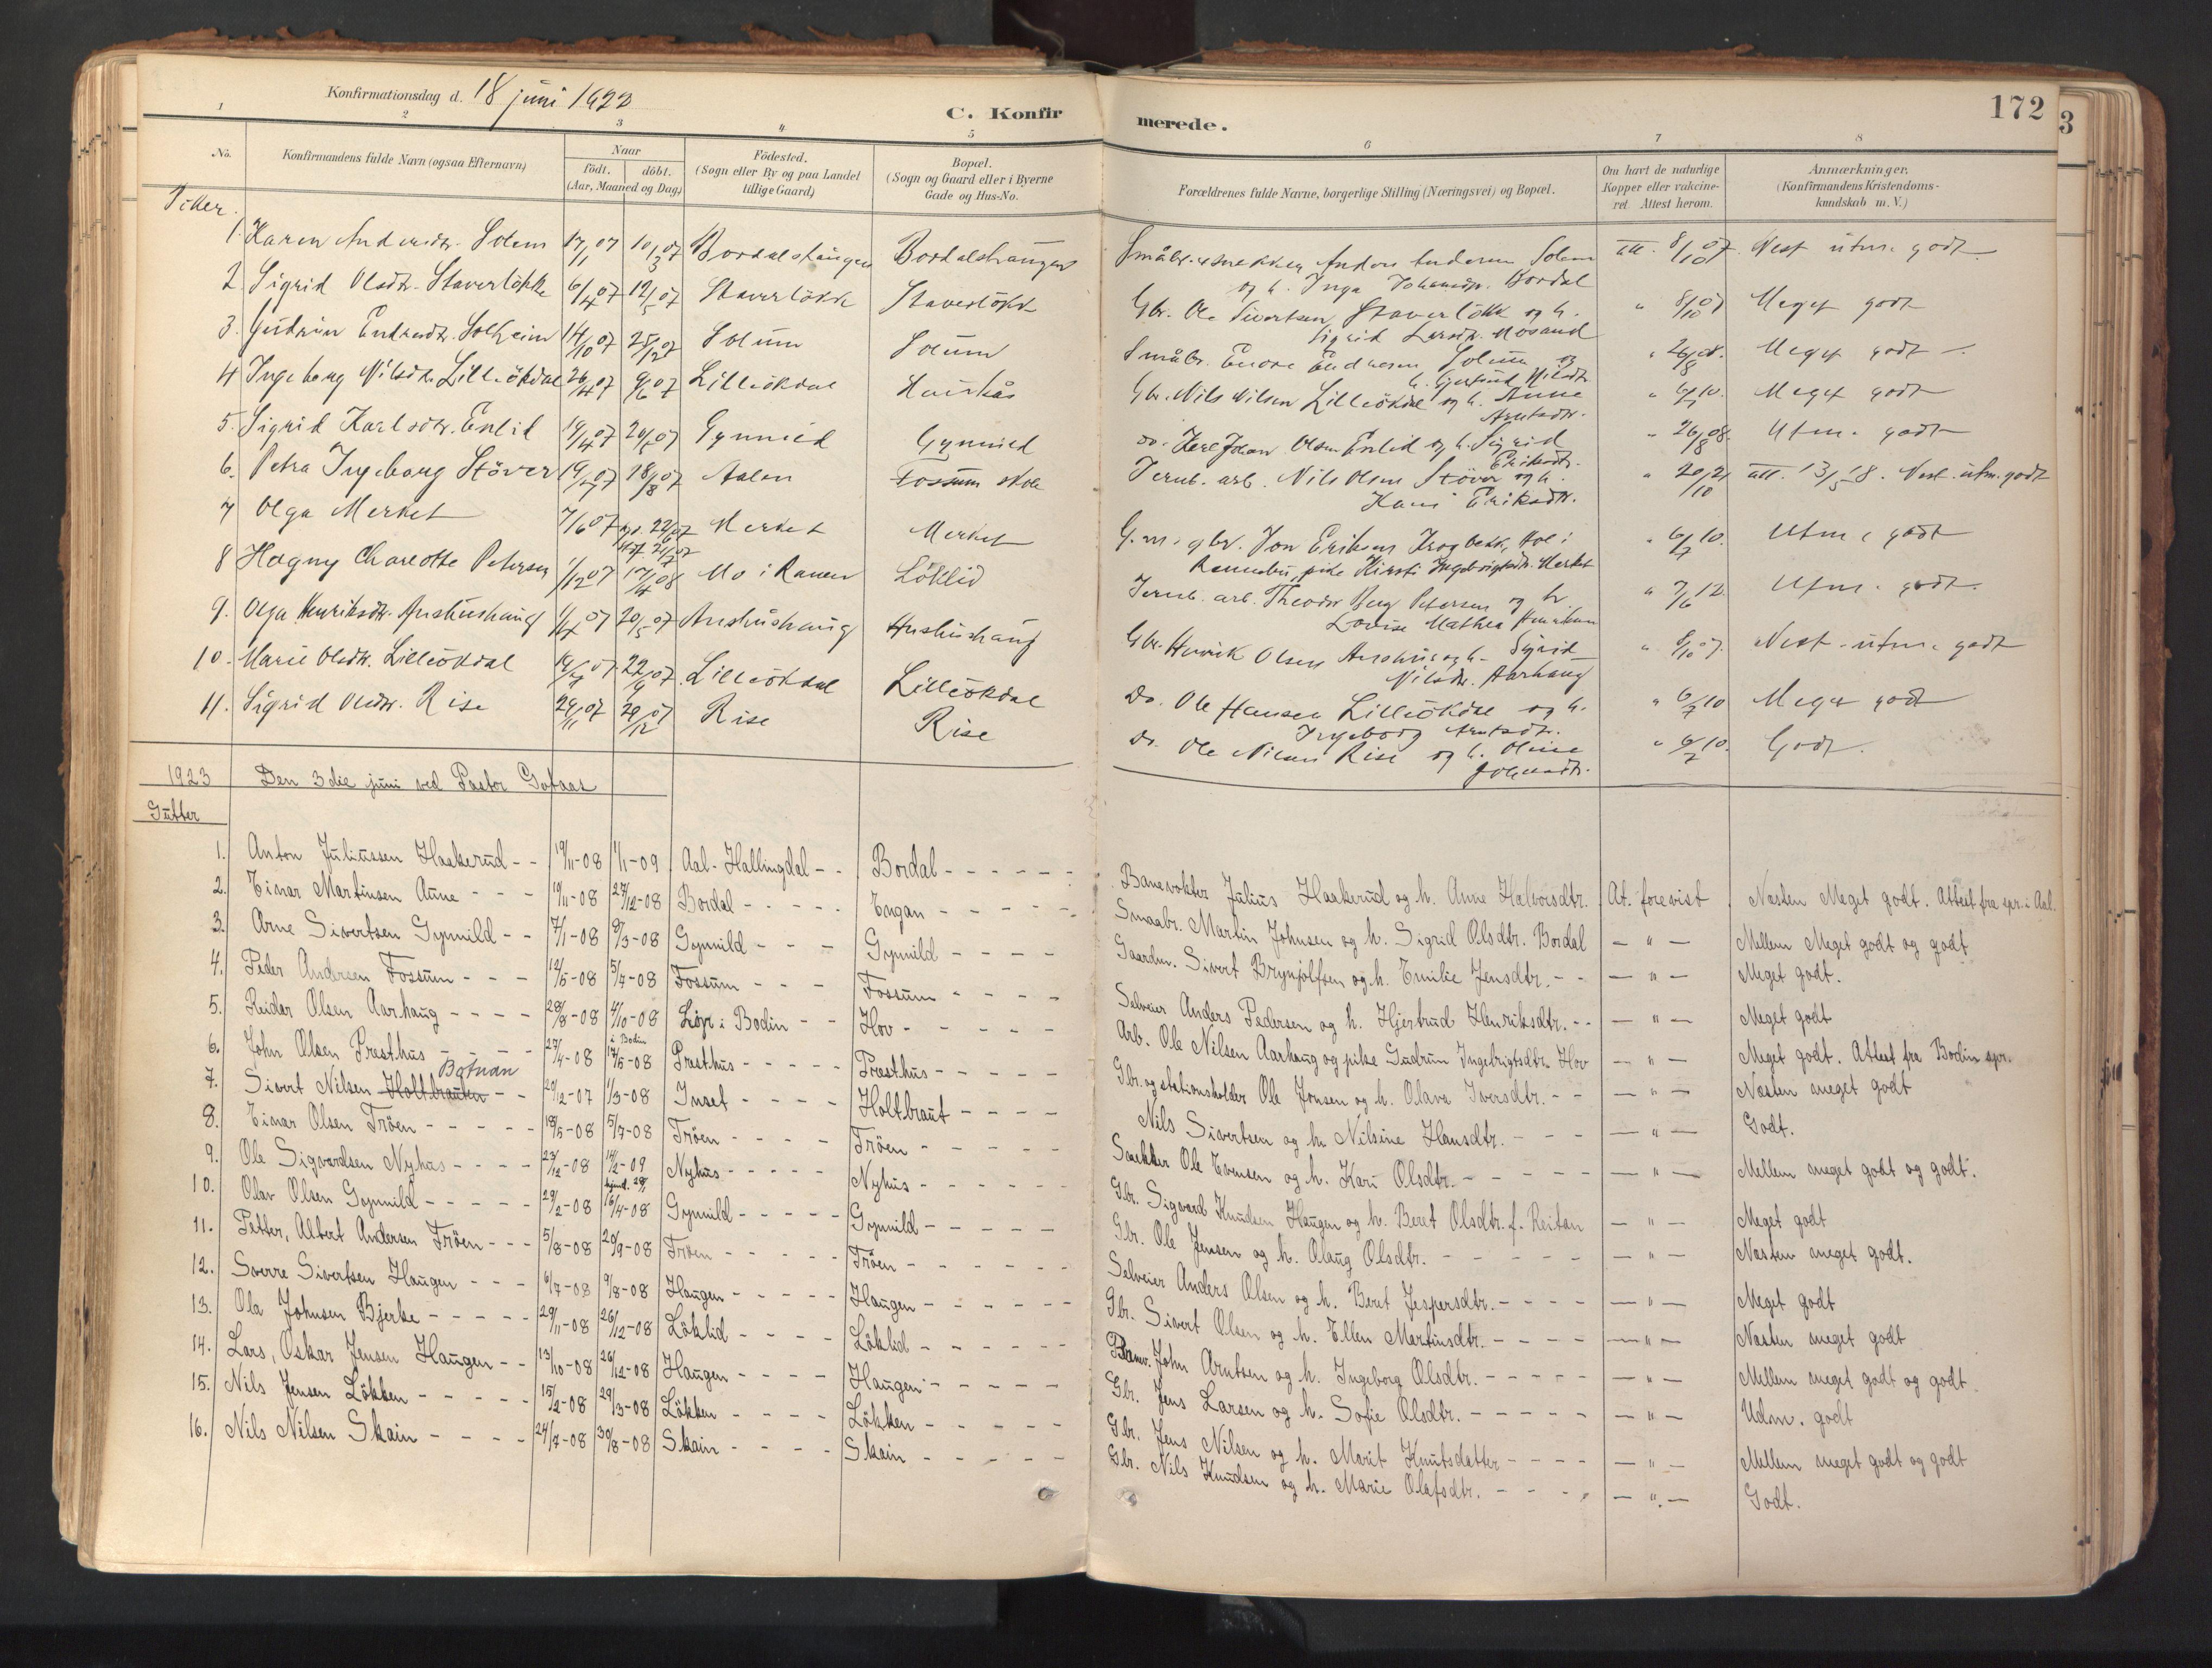 SAT, Ministerialprotokoller, klokkerbøker og fødselsregistre - Sør-Trøndelag, 689/L1041: Ministerialbok nr. 689A06, 1891-1923, s. 172